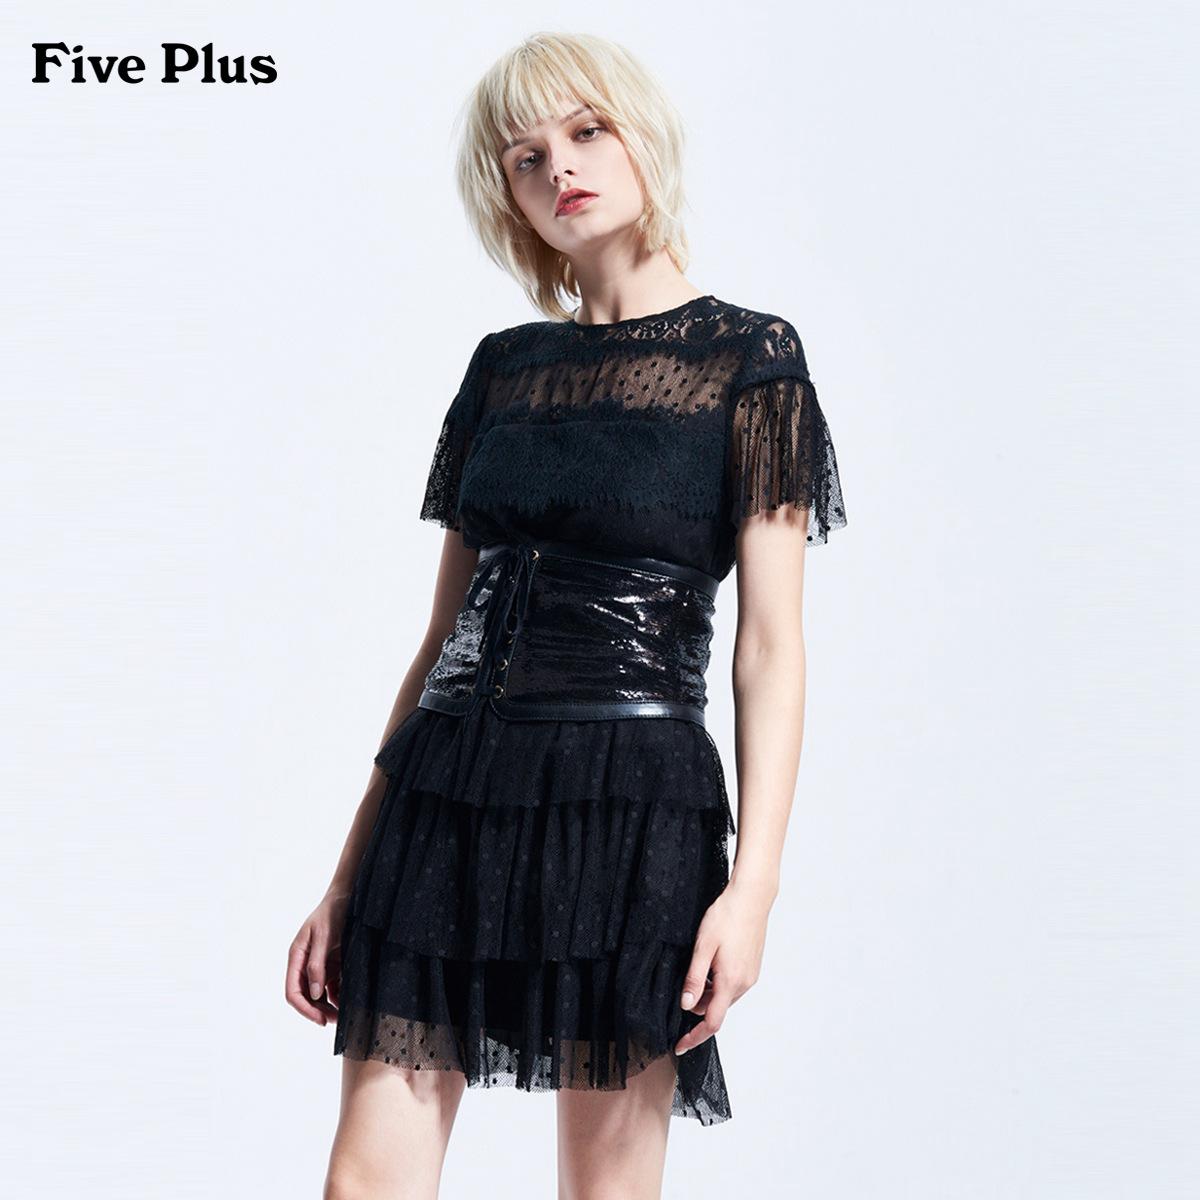 Five Plus2018新品女夏装拼接蕾丝连衣裙短袖透视波点纱裙荷叶边